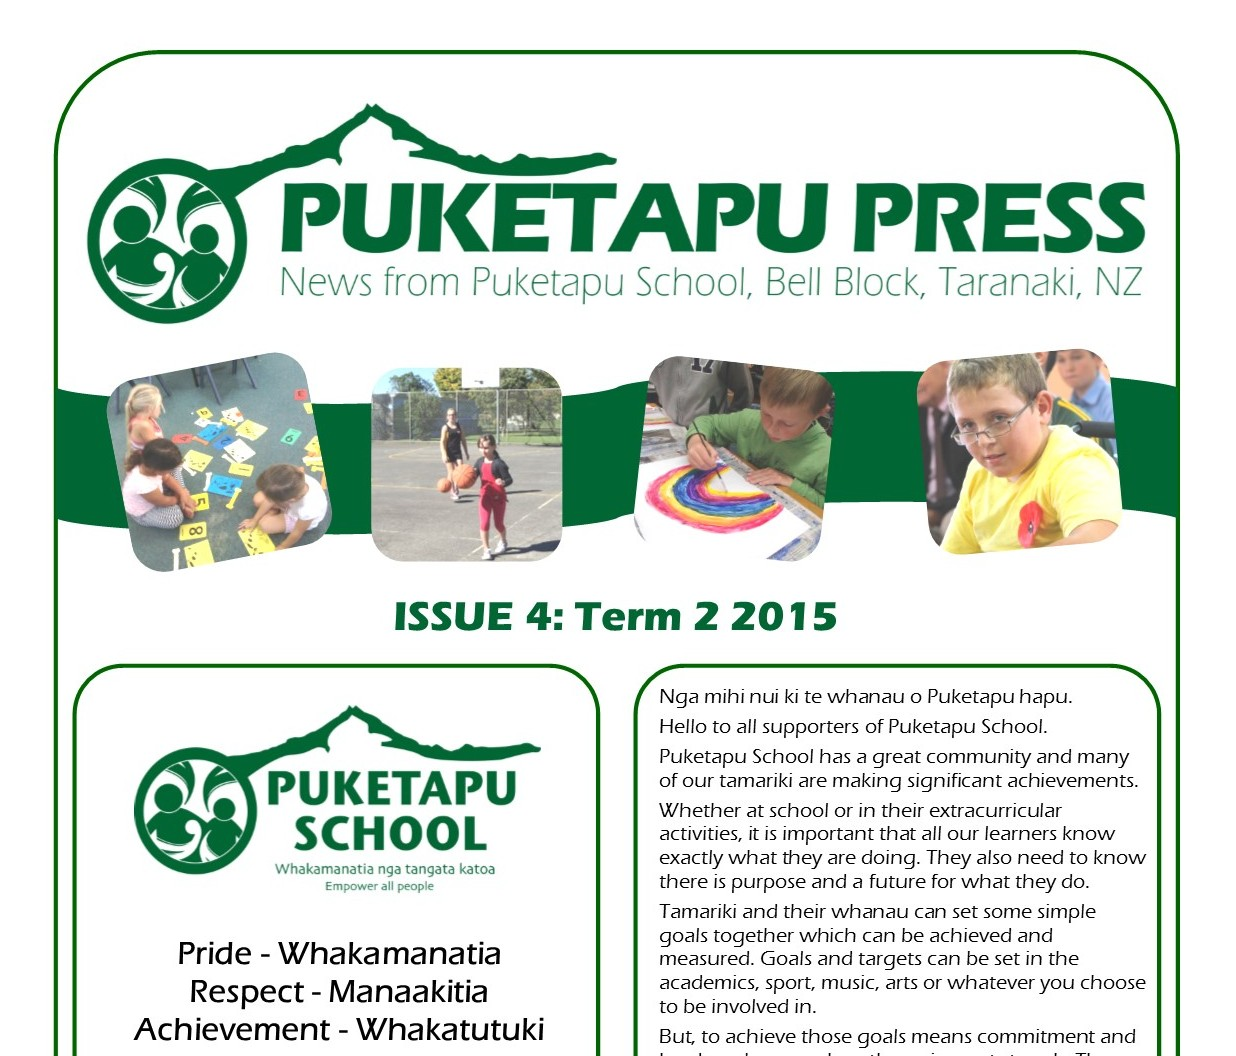 Puketapu Press – Issue 4